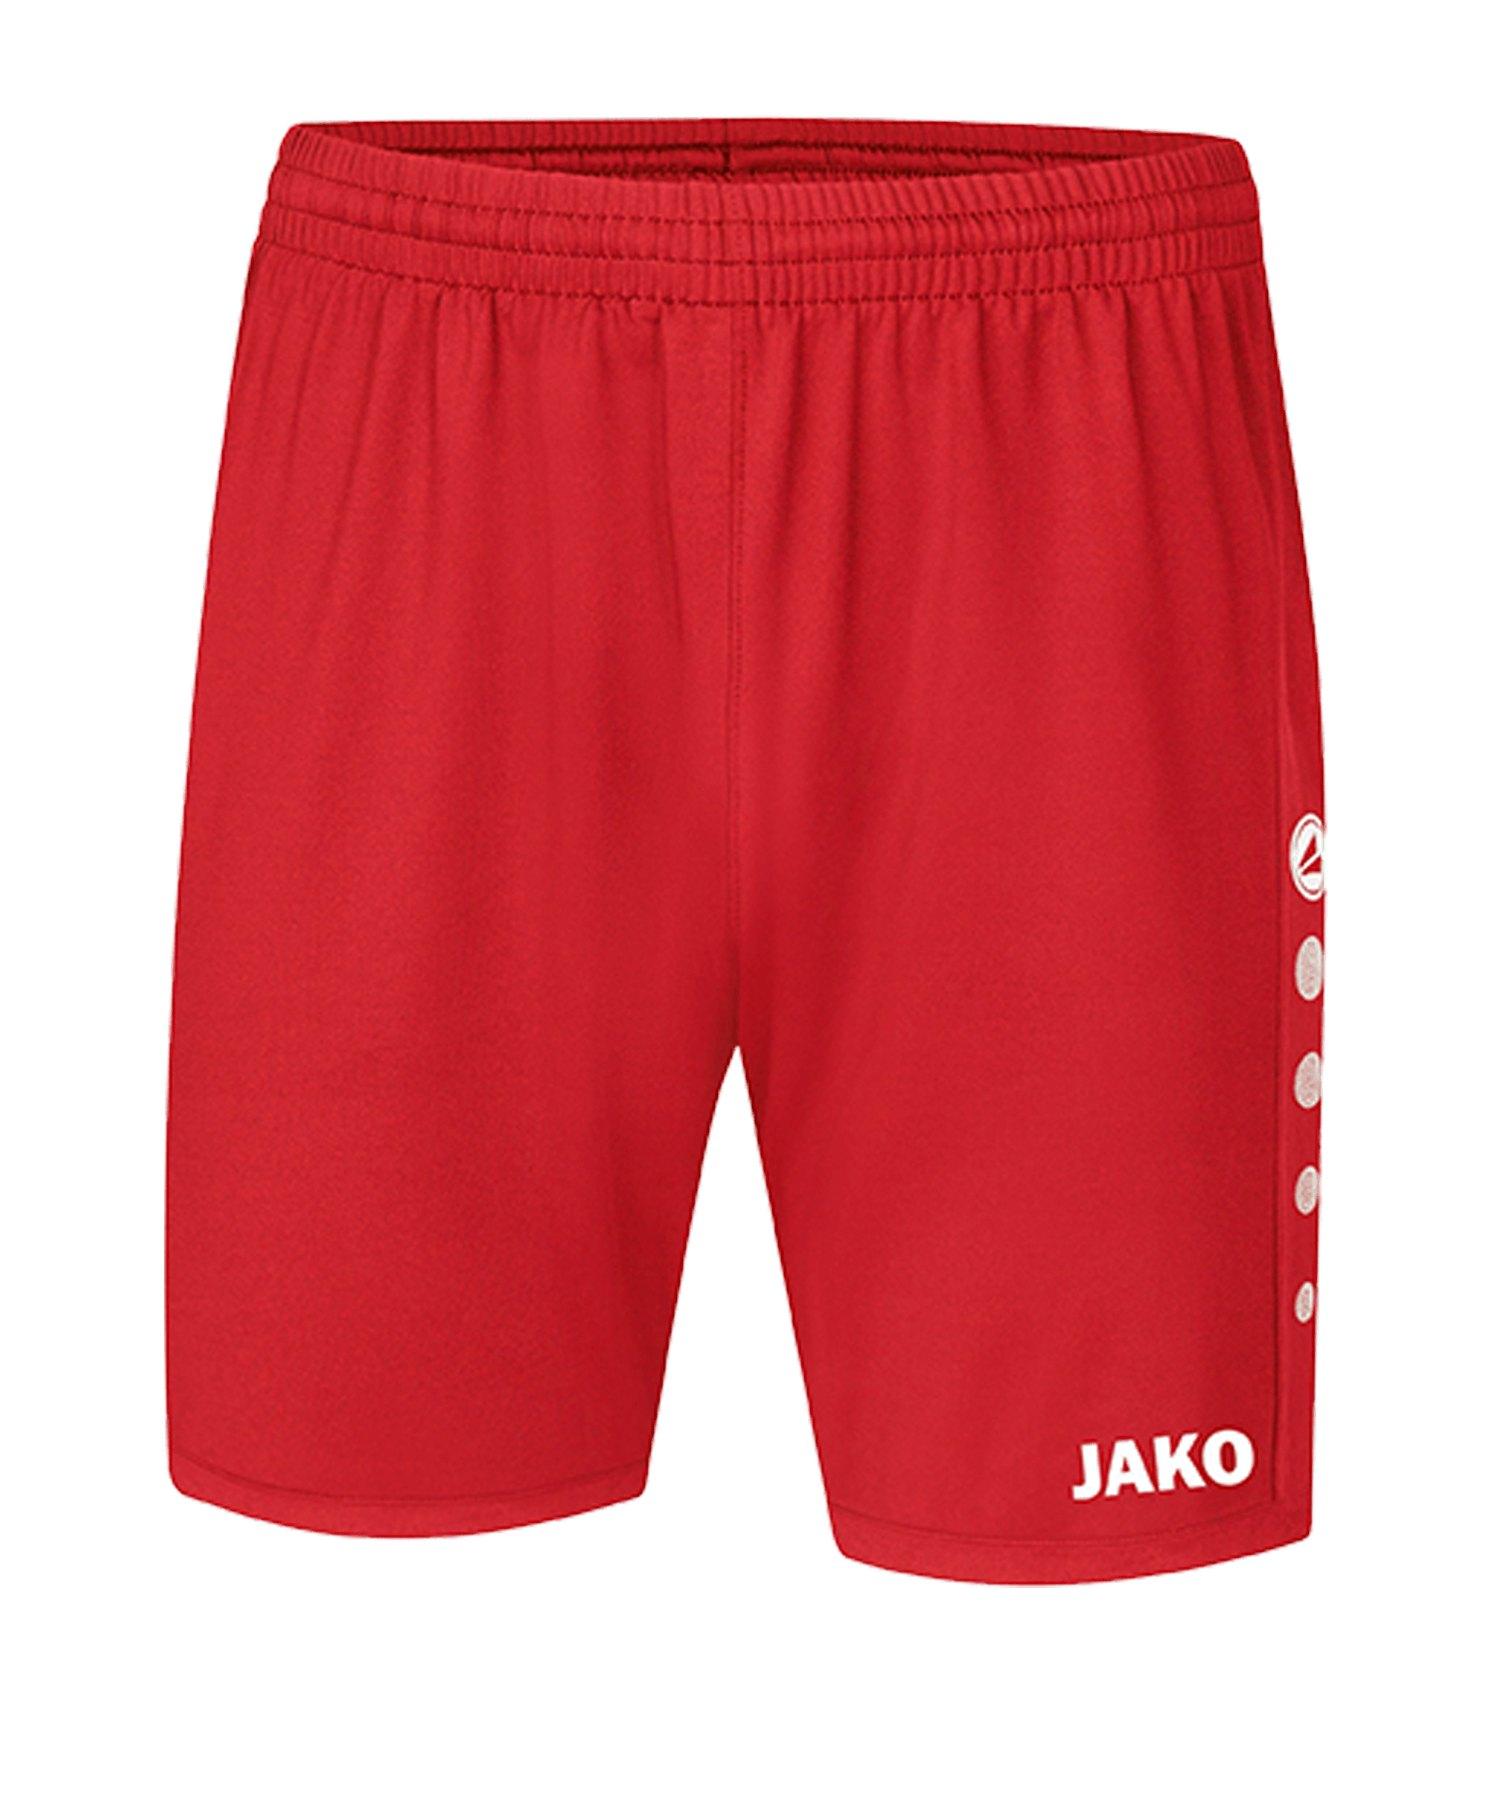 JAKO Premium Short Rot F01 - rot